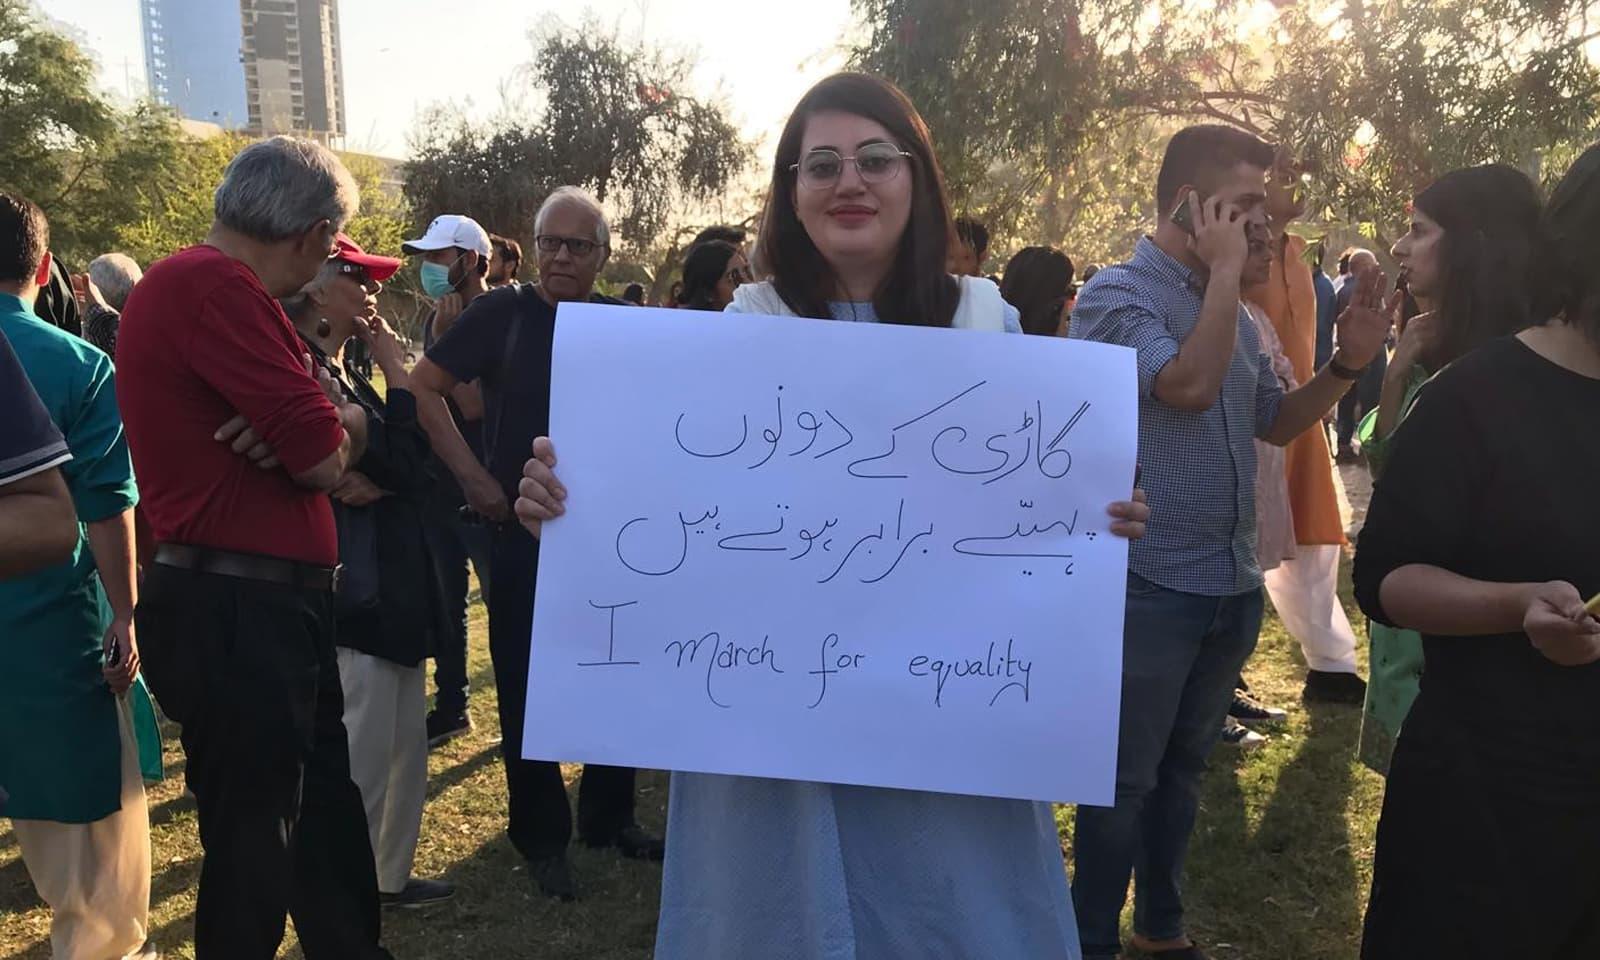 عورت مارچ میں امیتازی سلوک خصوصی موضوع رہا—فوٹو: عائشہ علی